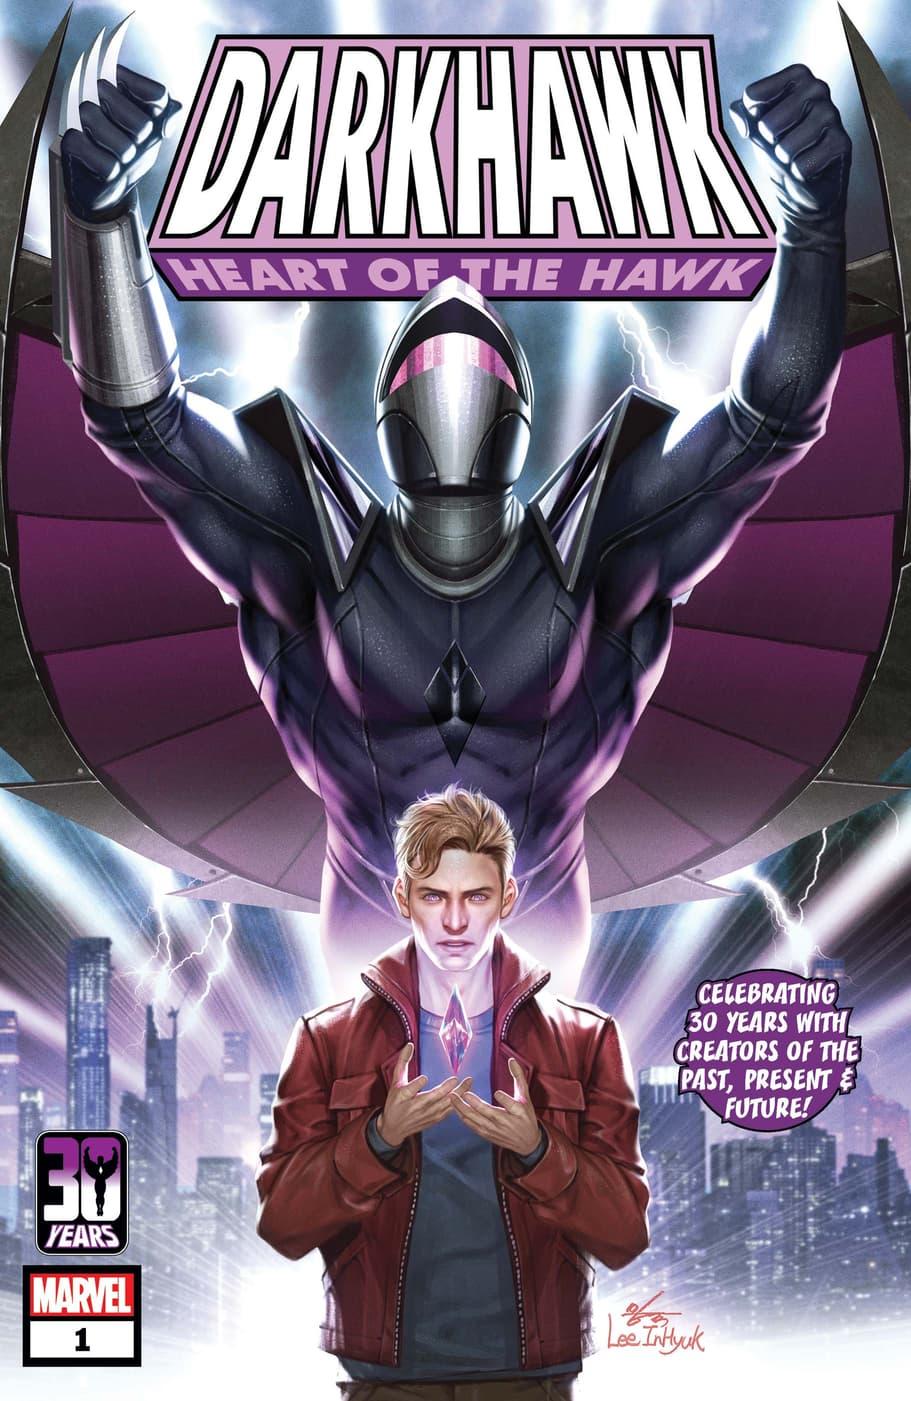 DARKHAWK: HEART OF THE HAWK #1 cover by In-Hyuk Lee